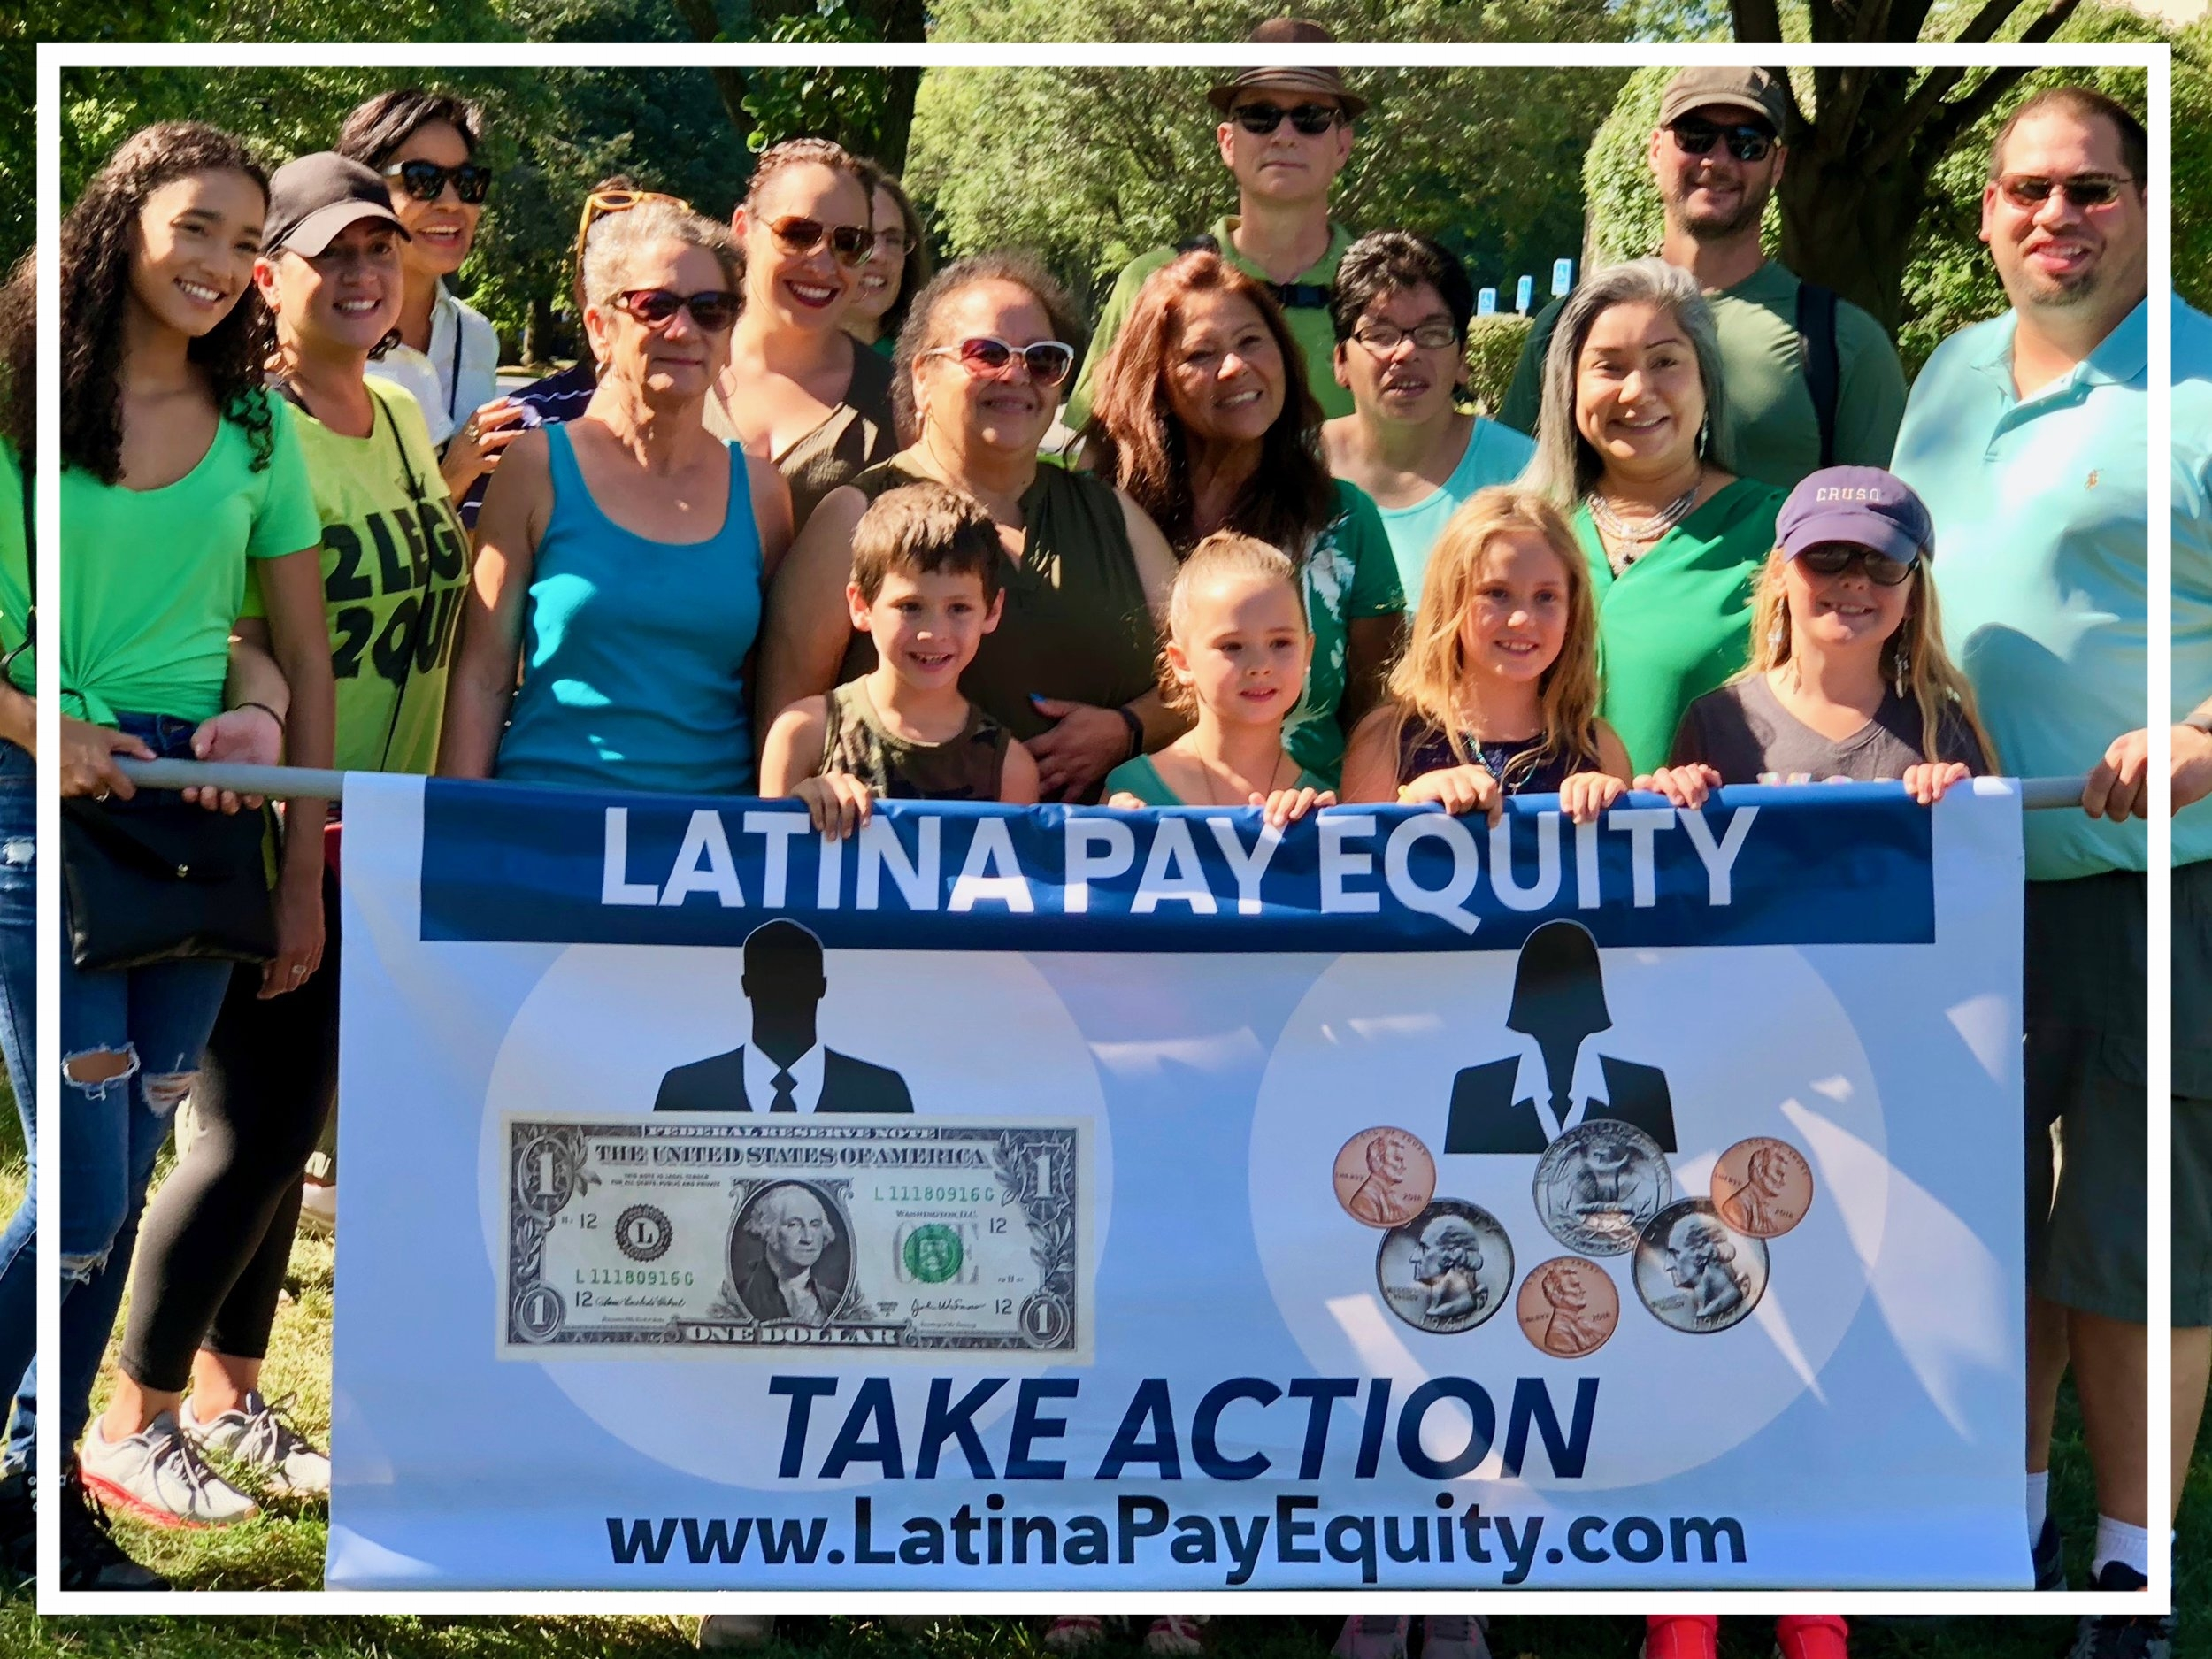 LatinaPayEquityFriends2.jpg